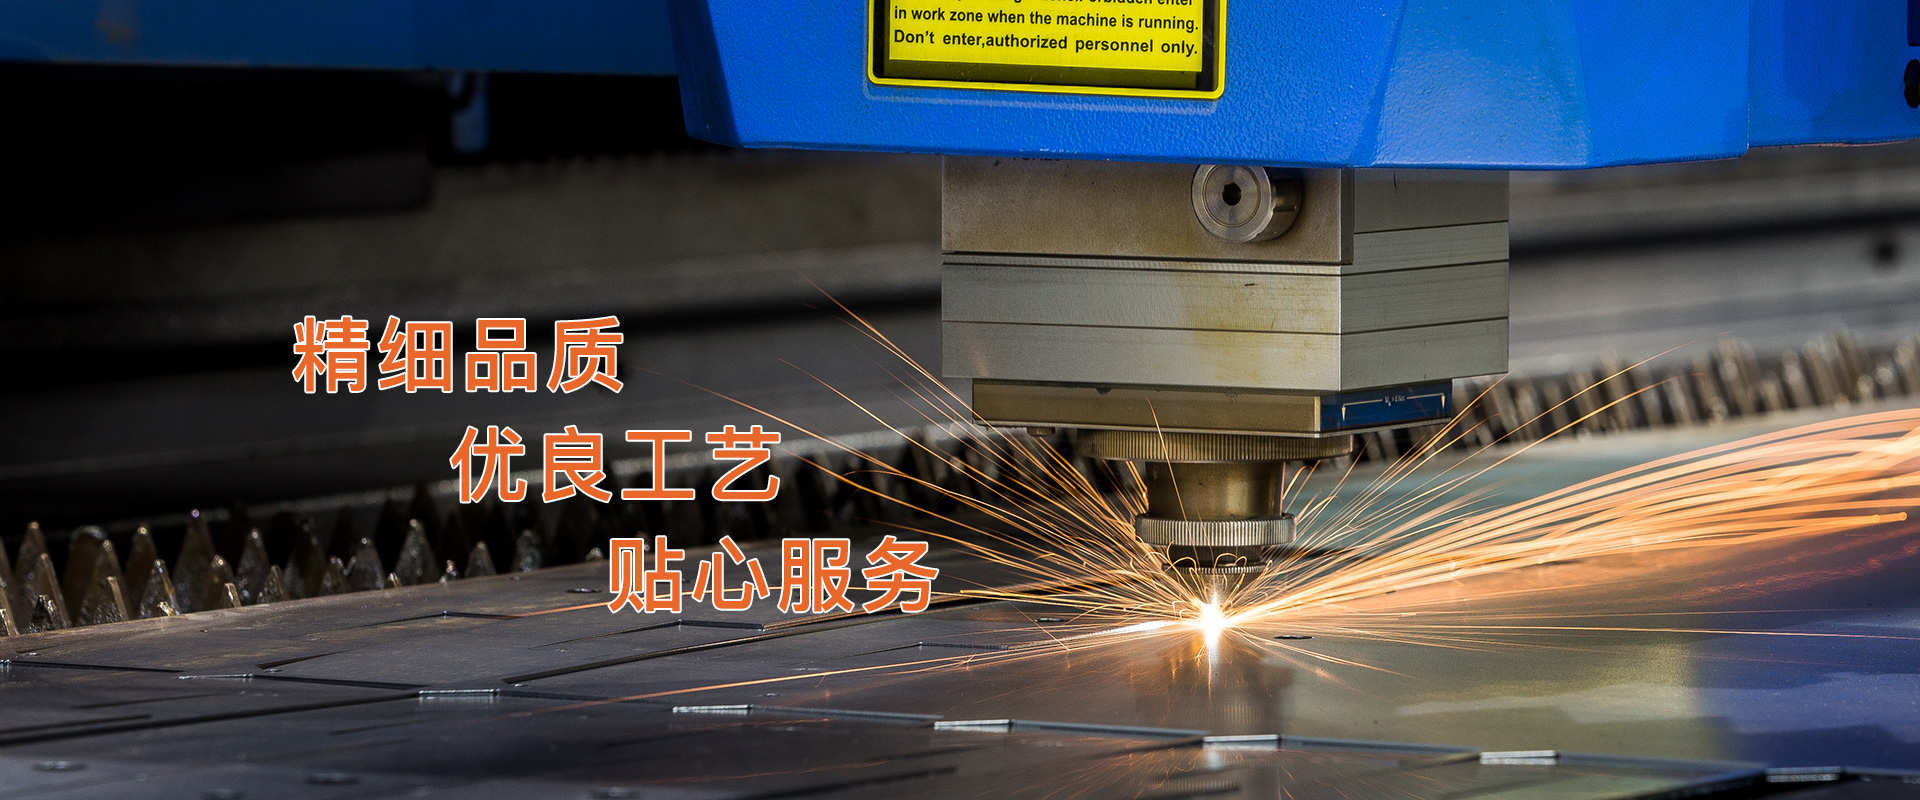 激光切割在玻璃加工行业的工艺技术